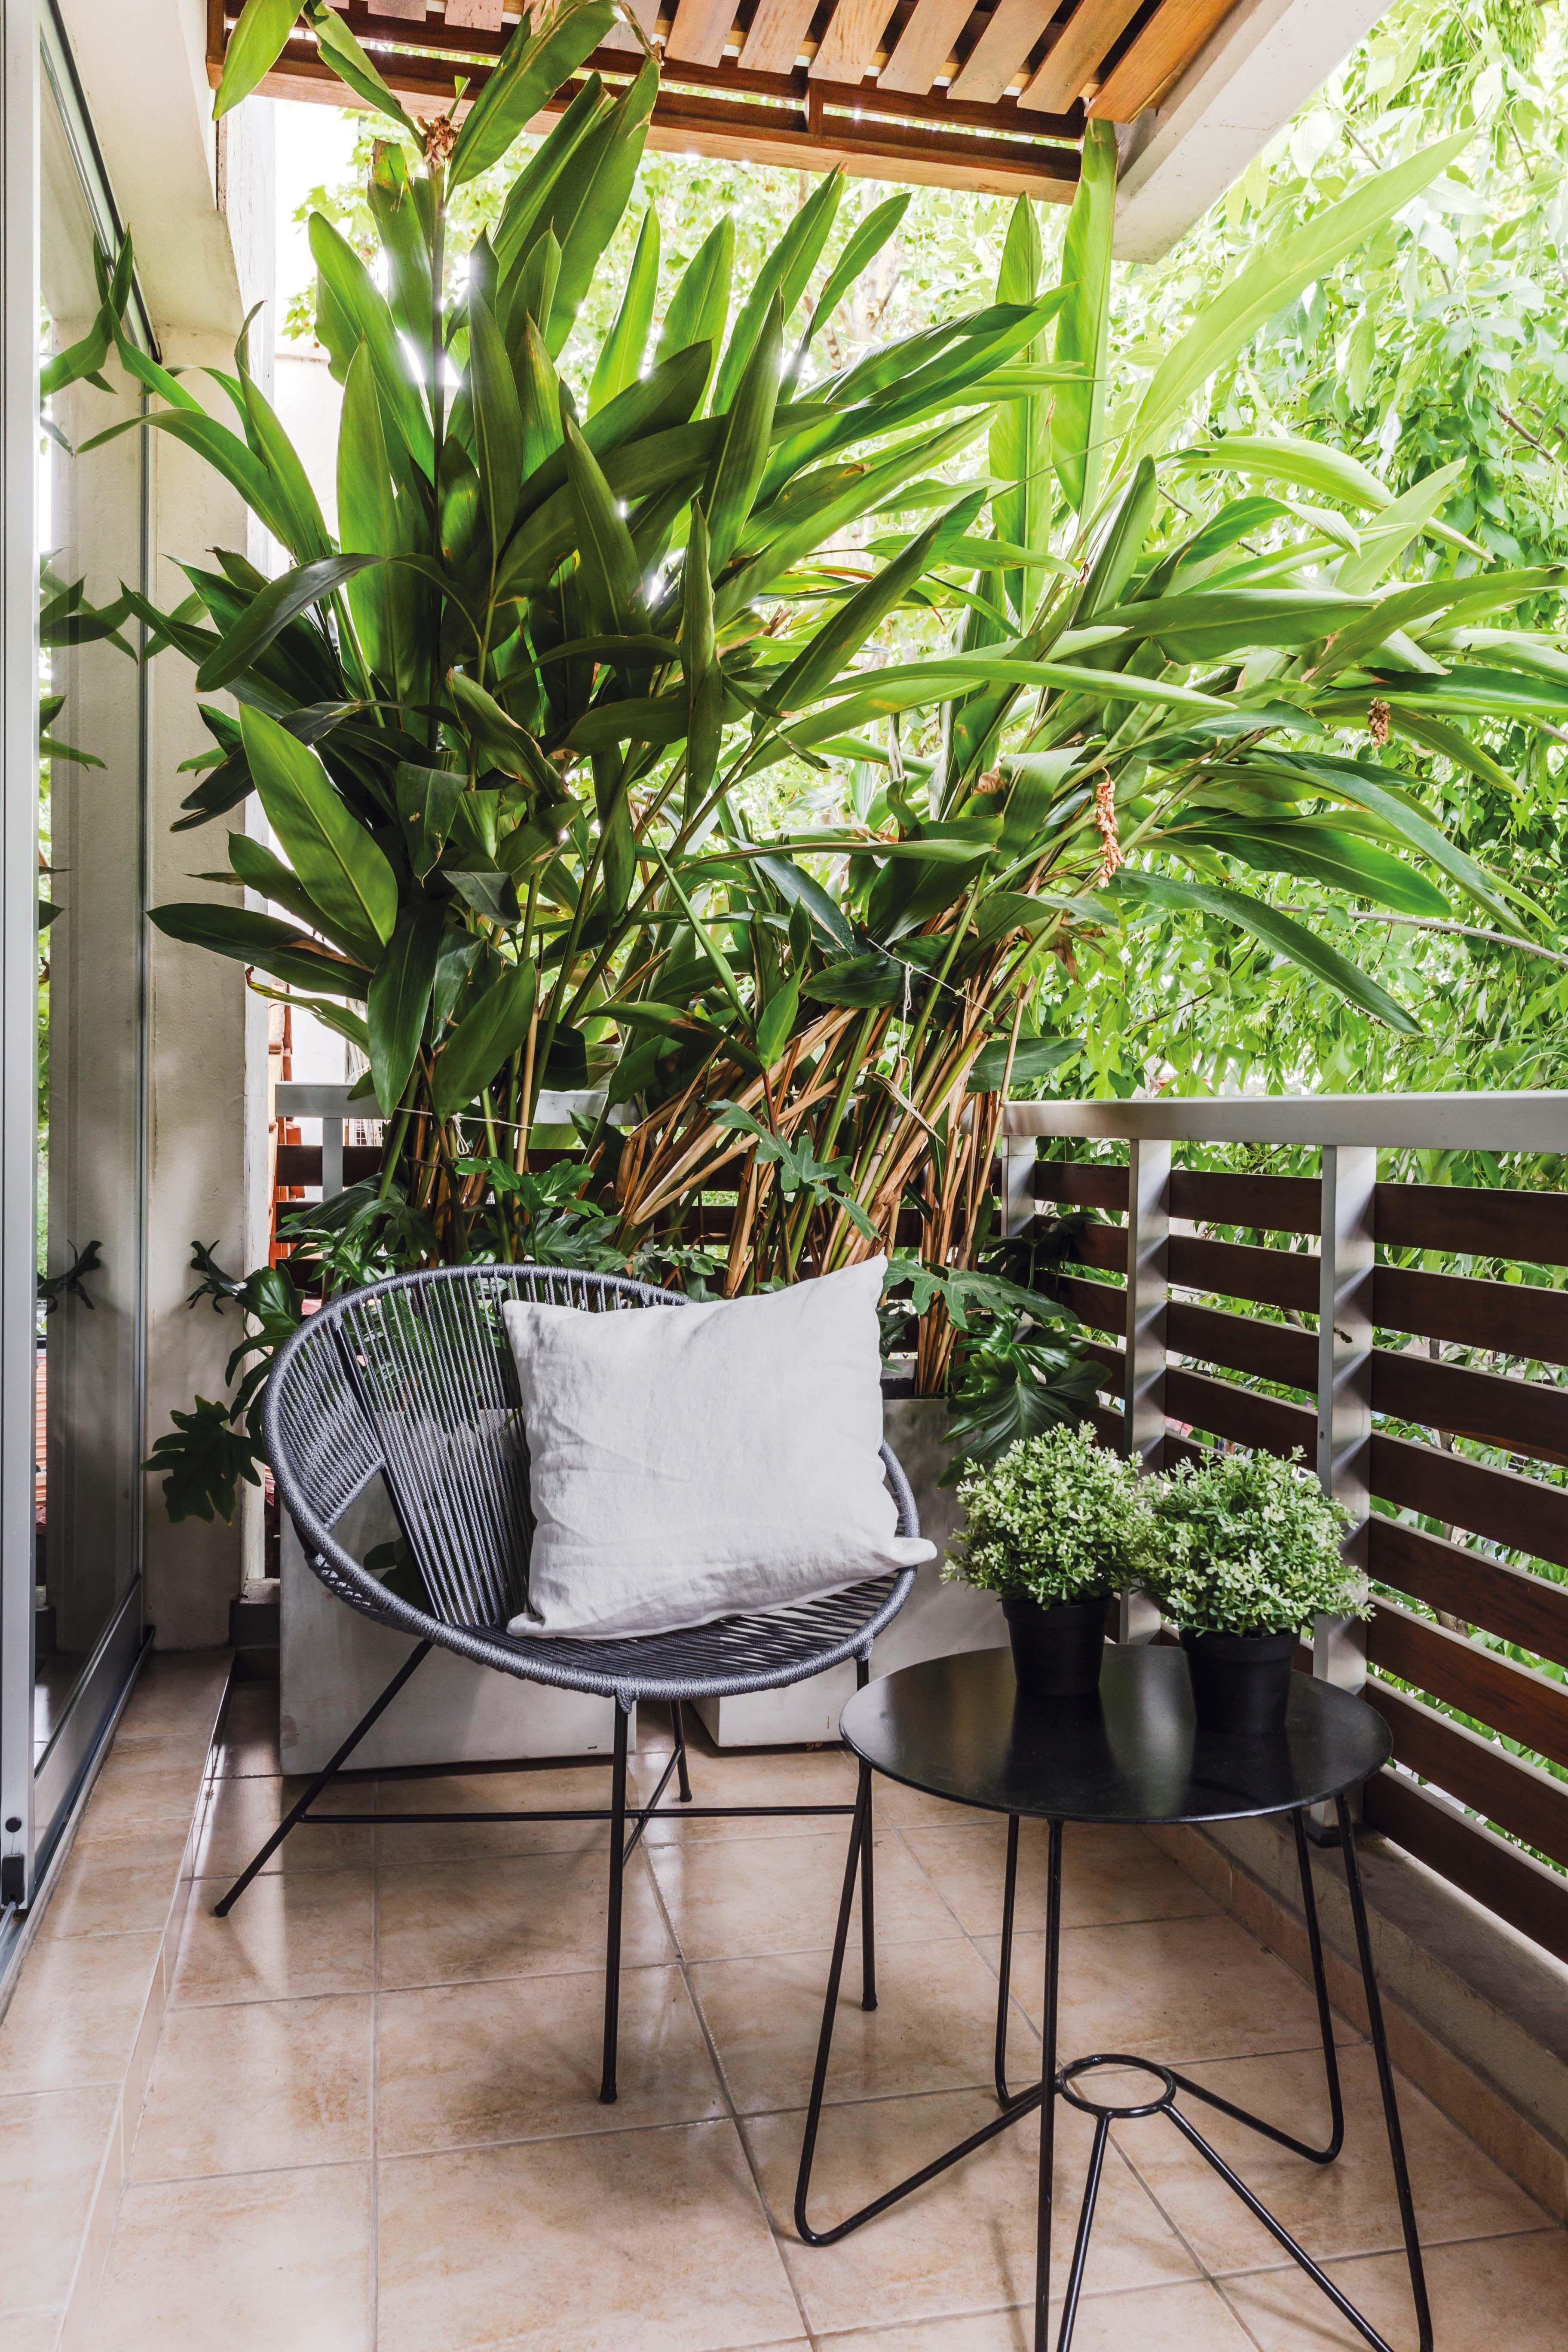 Balcon Corrido Con Gran Macetero Y Planta Con Onda Tropical